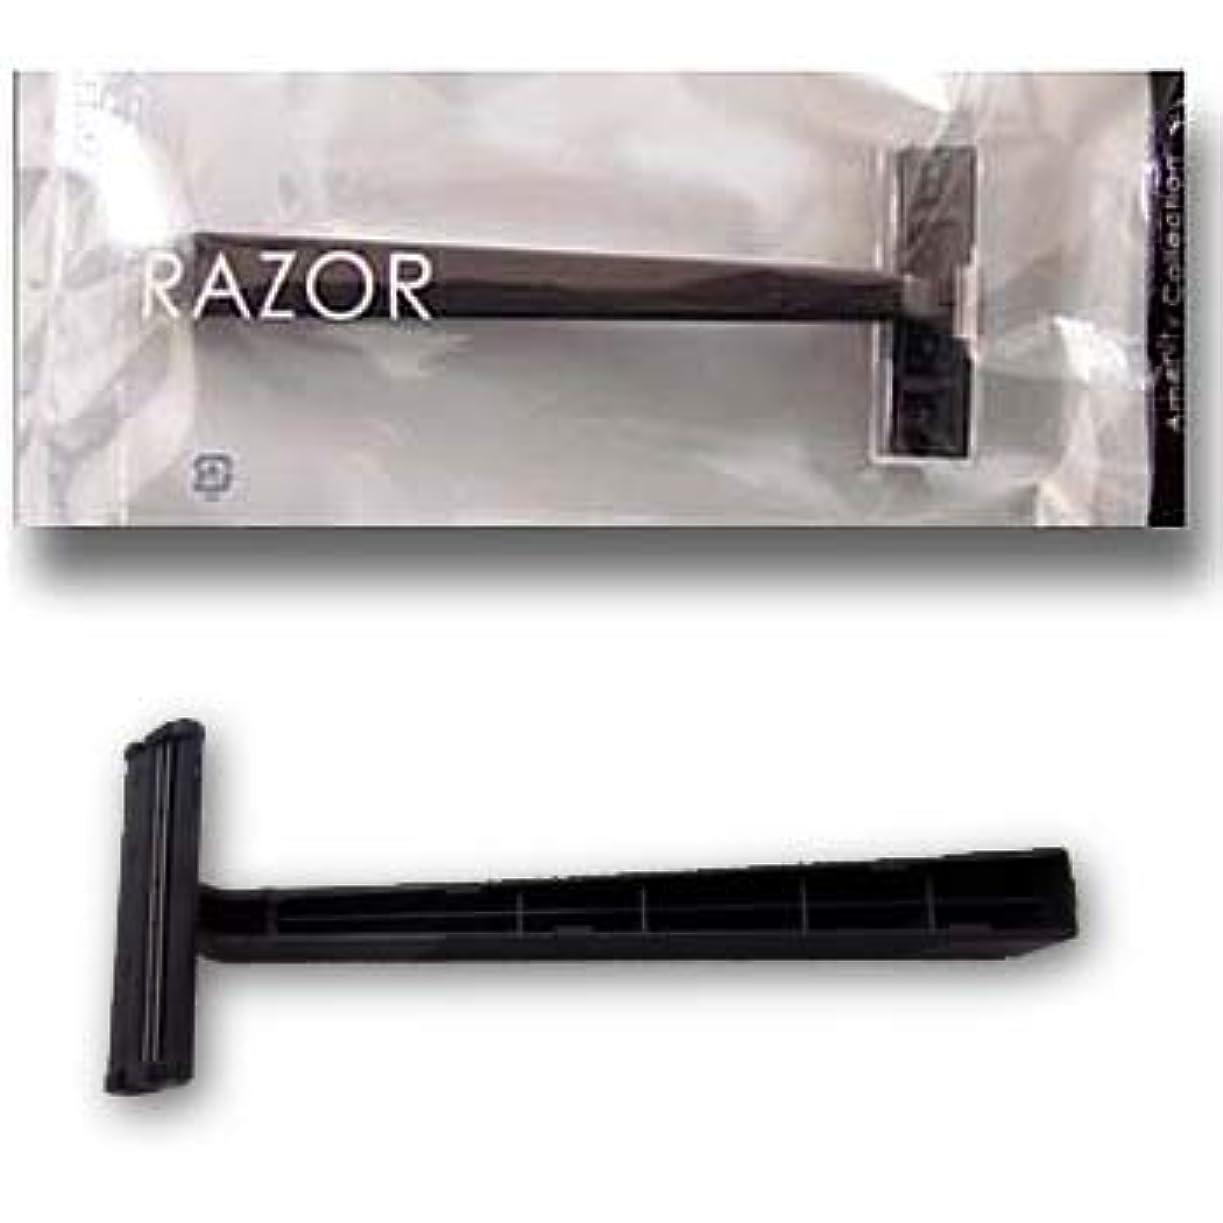 承知しました分布パドルホテル業務用 カミソリ クリアシリーズ 2枚刃 黒ハンドル (1セット250本入)